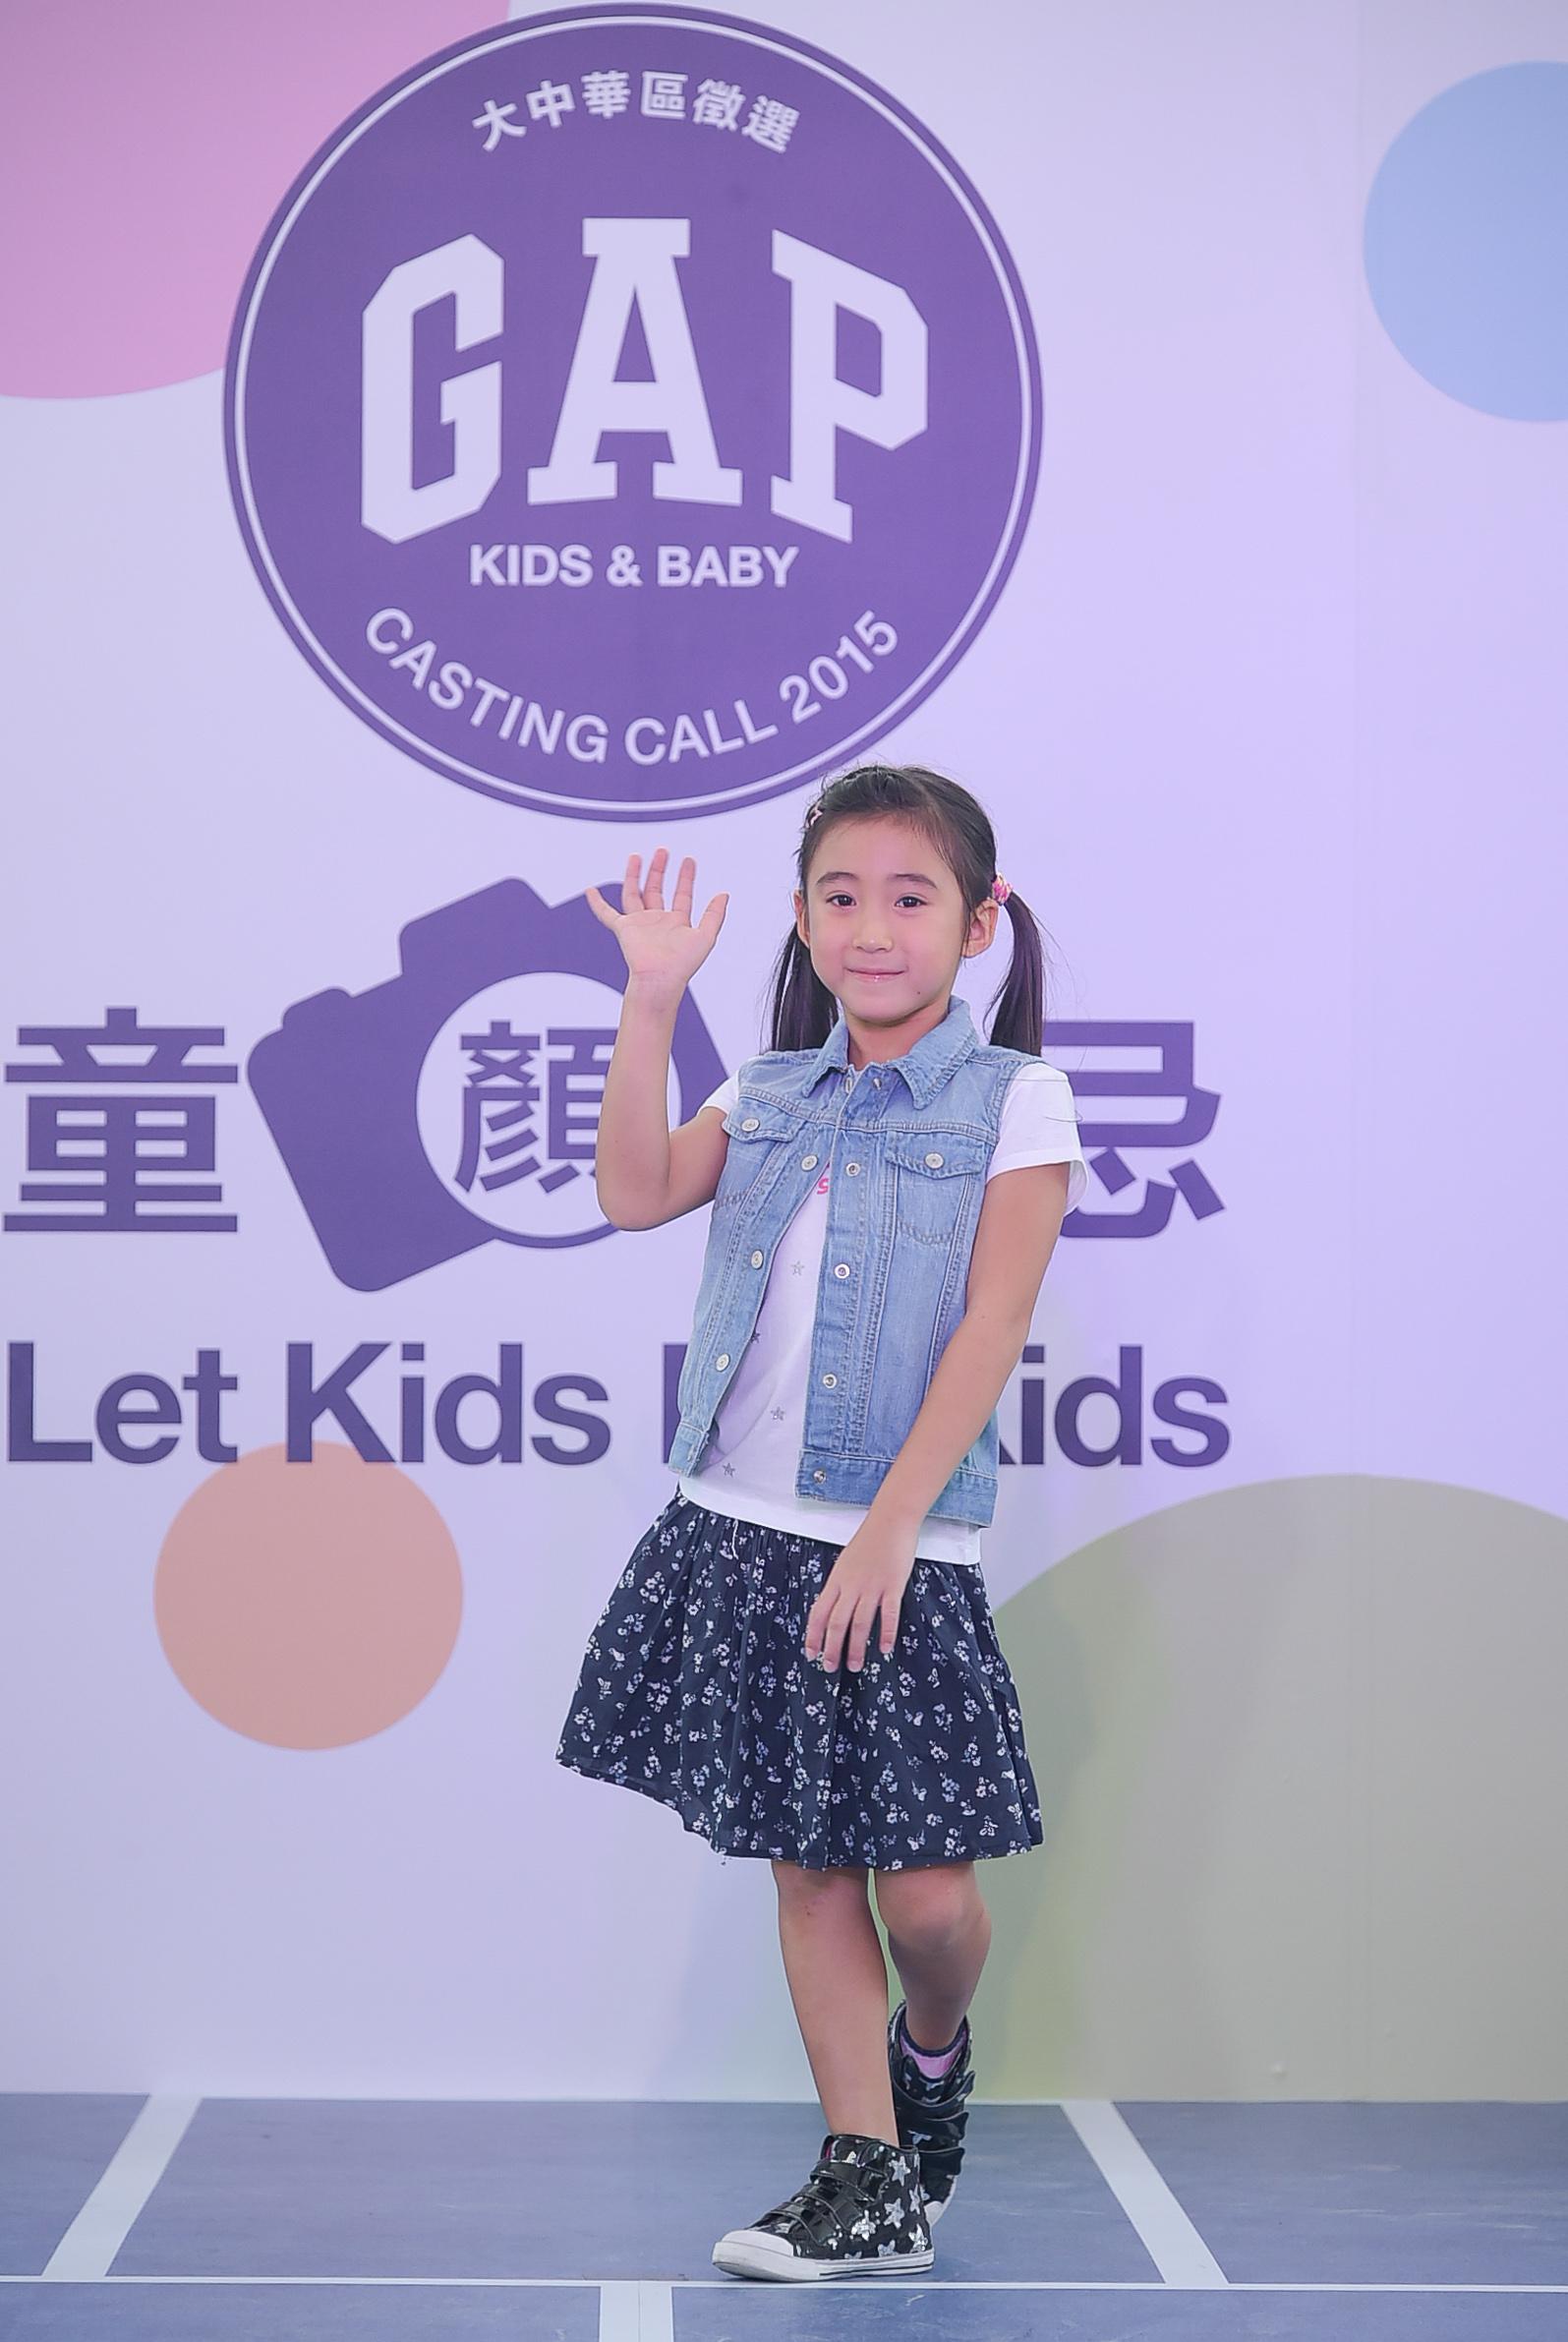 童趣十足的小模特穿上最新GapKids夏季服裝演繹兒童時裝秀